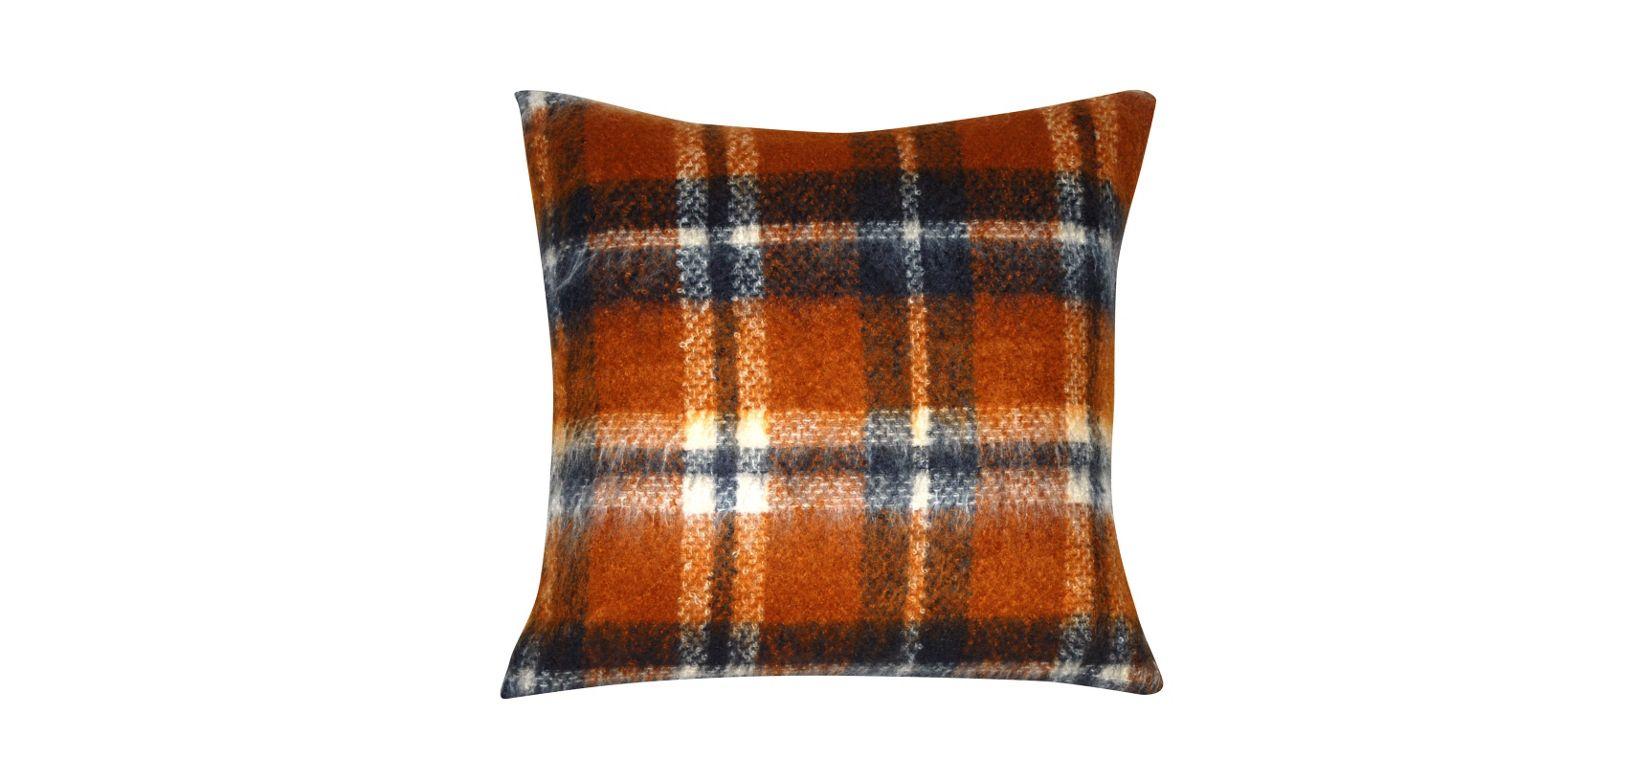 sir jean paul gaultier cushion nouveaux classiques. Black Bedroom Furniture Sets. Home Design Ideas